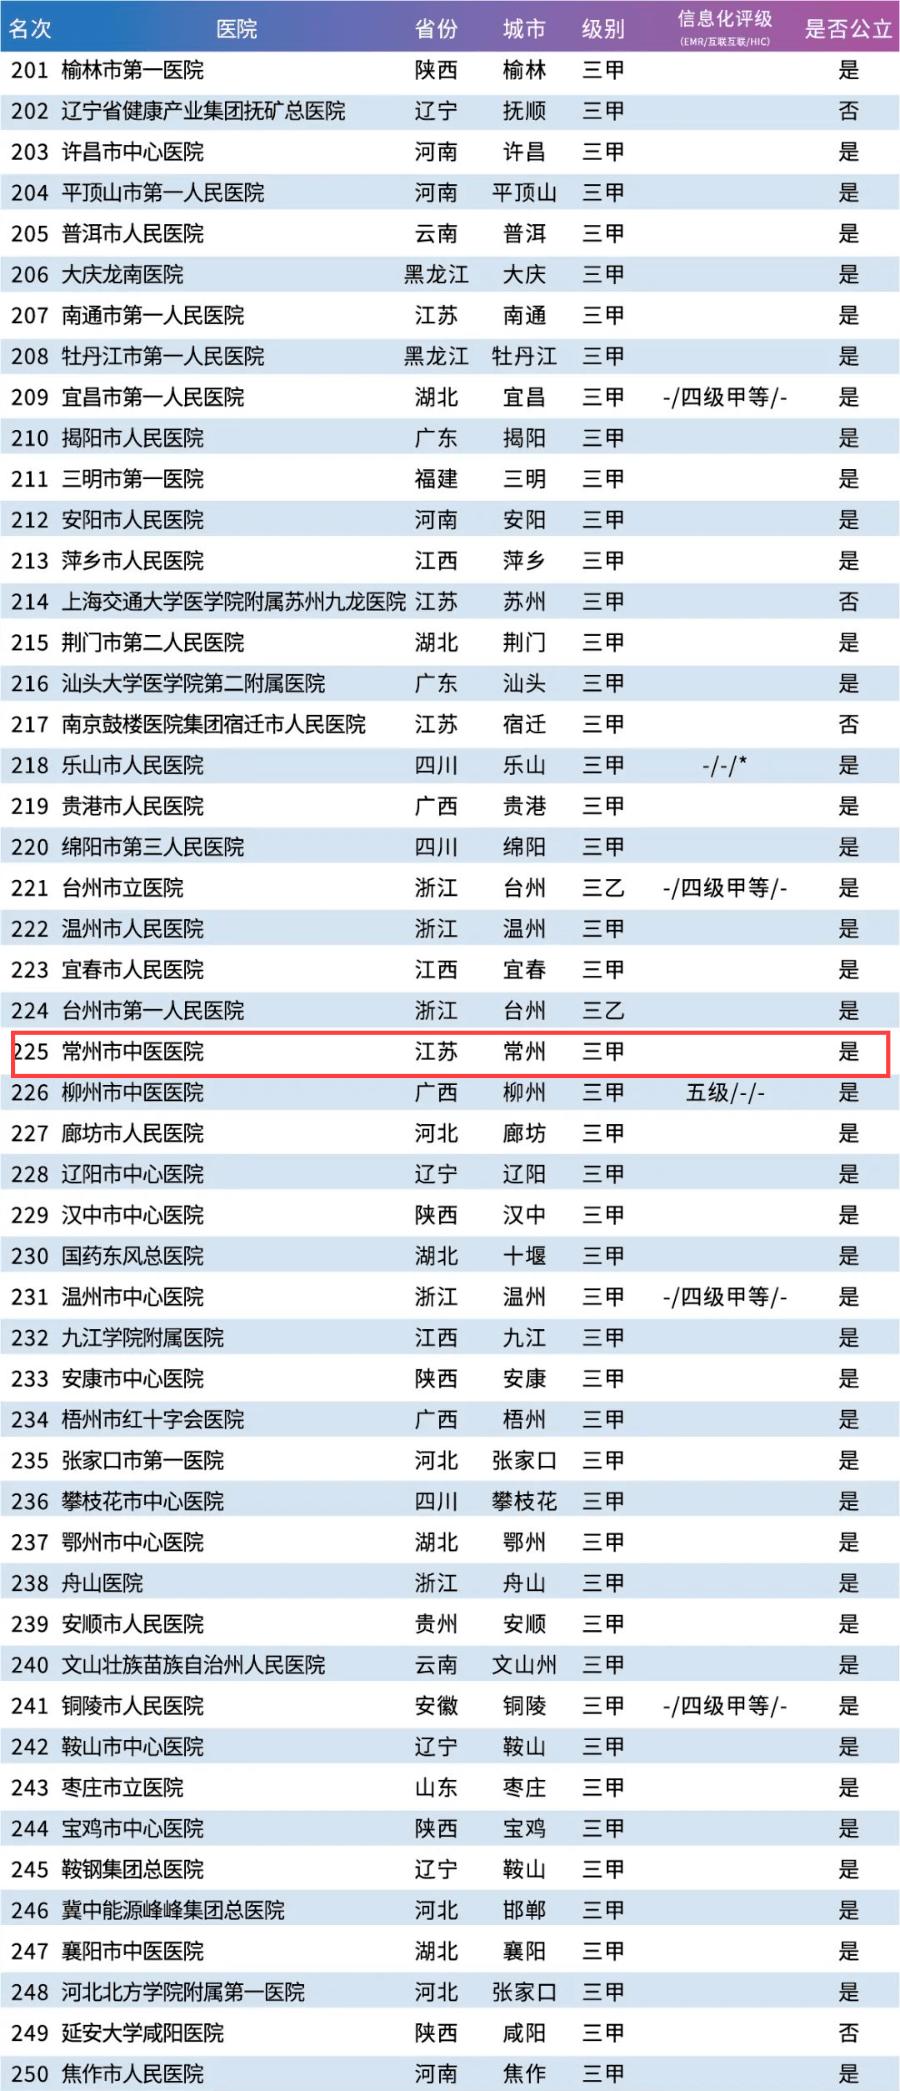 国内医院排行榜_行业数据 中国百强医院排名出炉,河南仅上榜两家